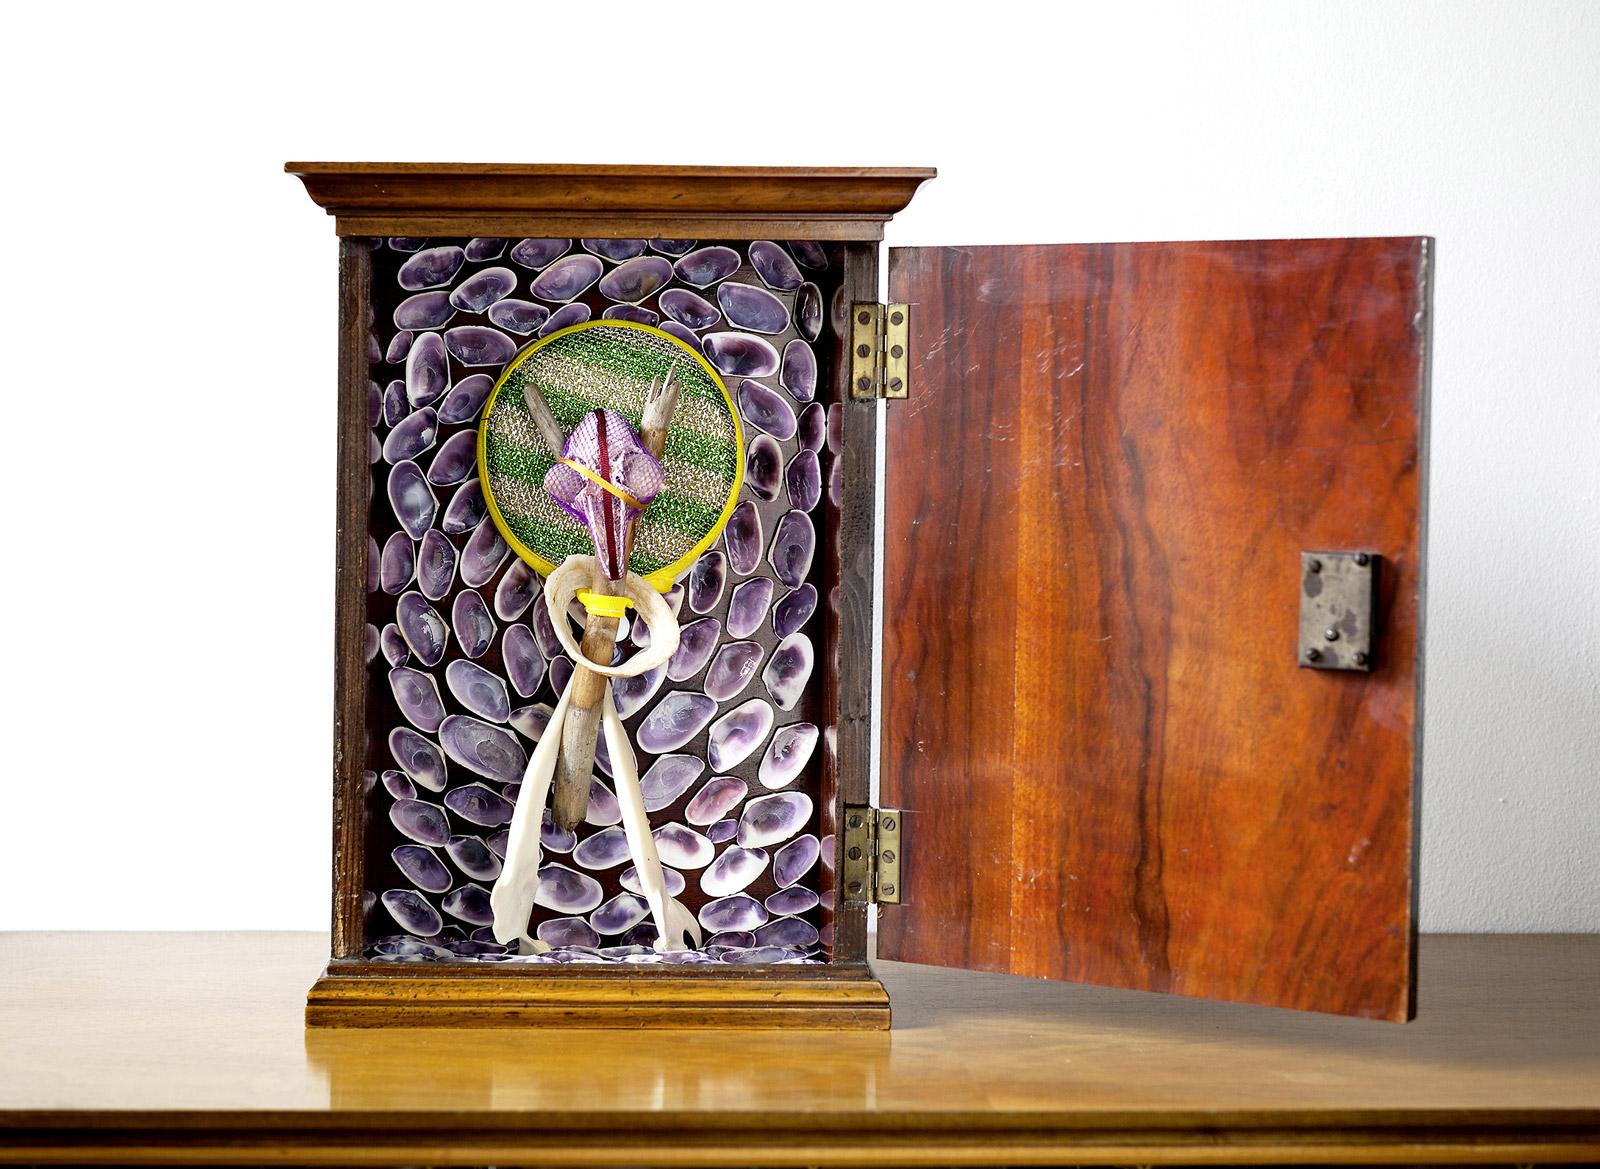 """o.T. aus """"Endemisches Kollegium"""", 2017, innen, 36 x 26,7 x 13 cm, Applikation diverser Materialien in und auf Holzschrein"""